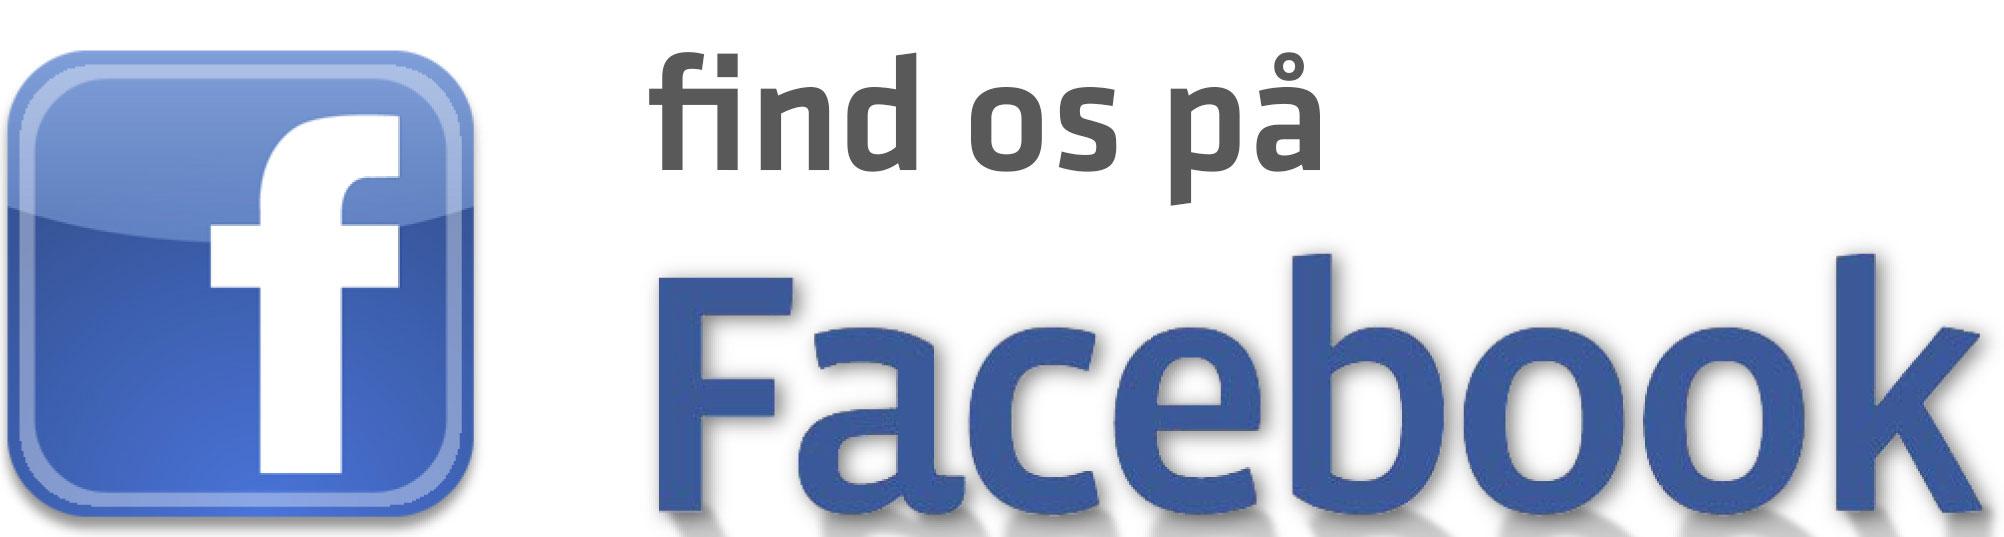 Åbn Techmasters facebook side, åbner i ny fane